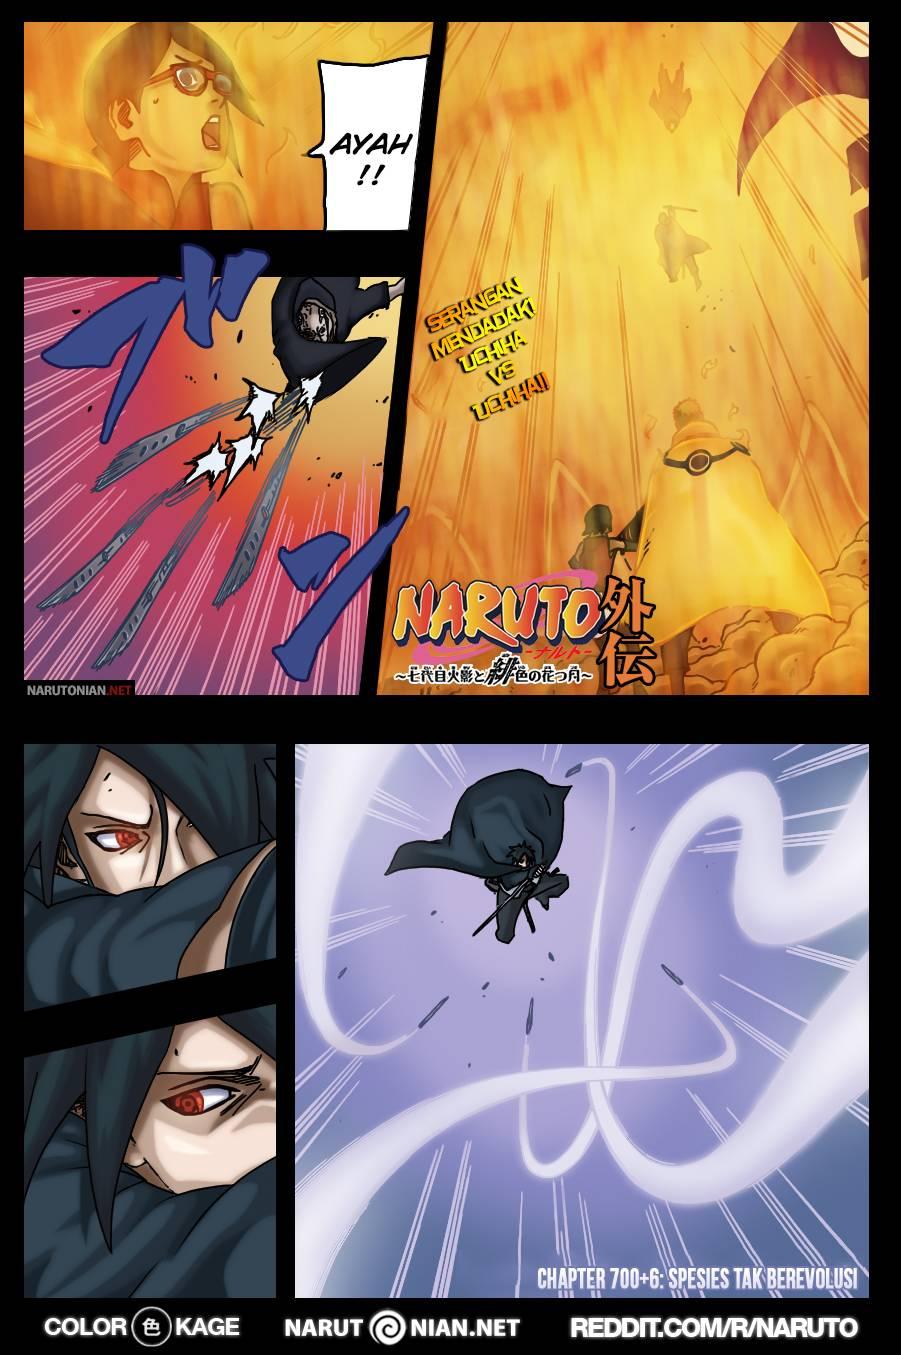 Dilarang COPAS - situs resmi www.mangacanblog.com - Komik naruto berwarna 706 - spesies yang tak berevolusi 707 Indonesia naruto berwarna 706 - spesies yang tak berevolusi Terbaru 2|Baca Manga Komik Indonesia|Mangacan